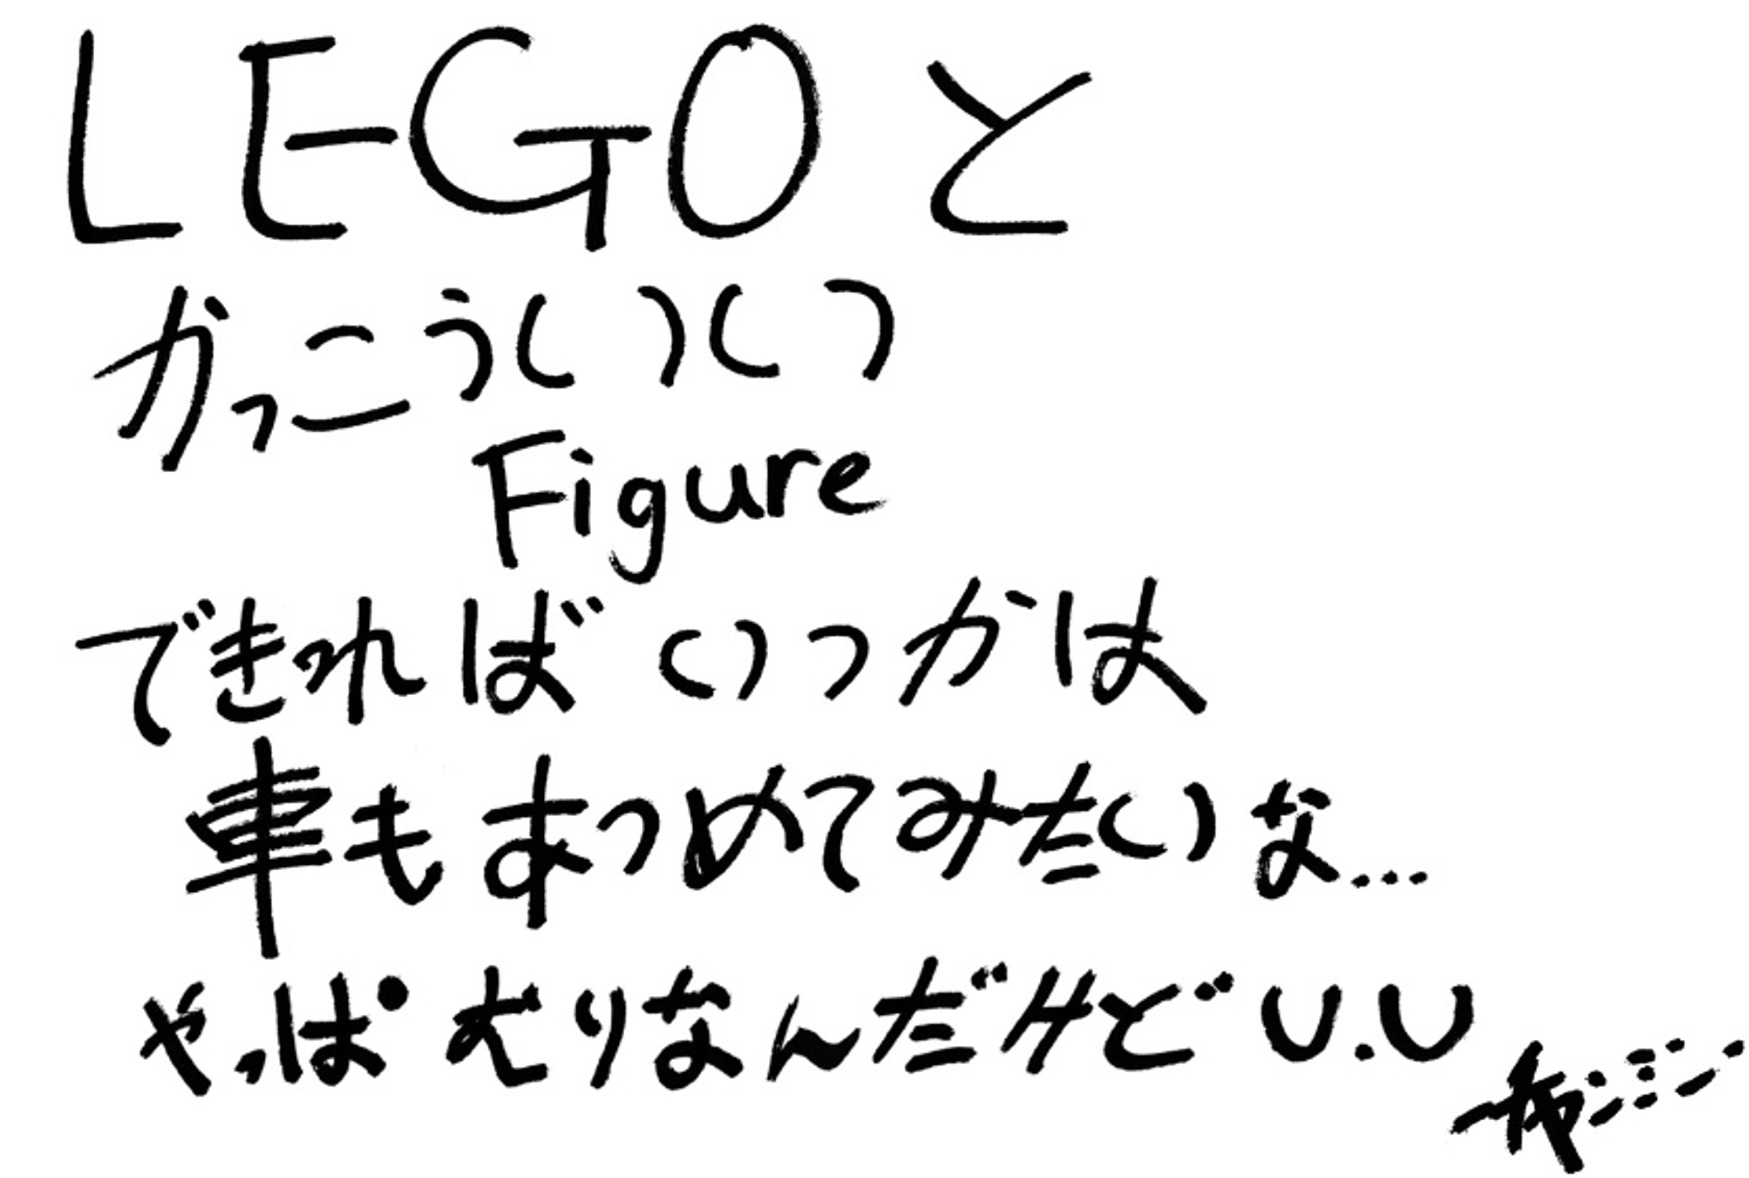 그림1.jpg.png